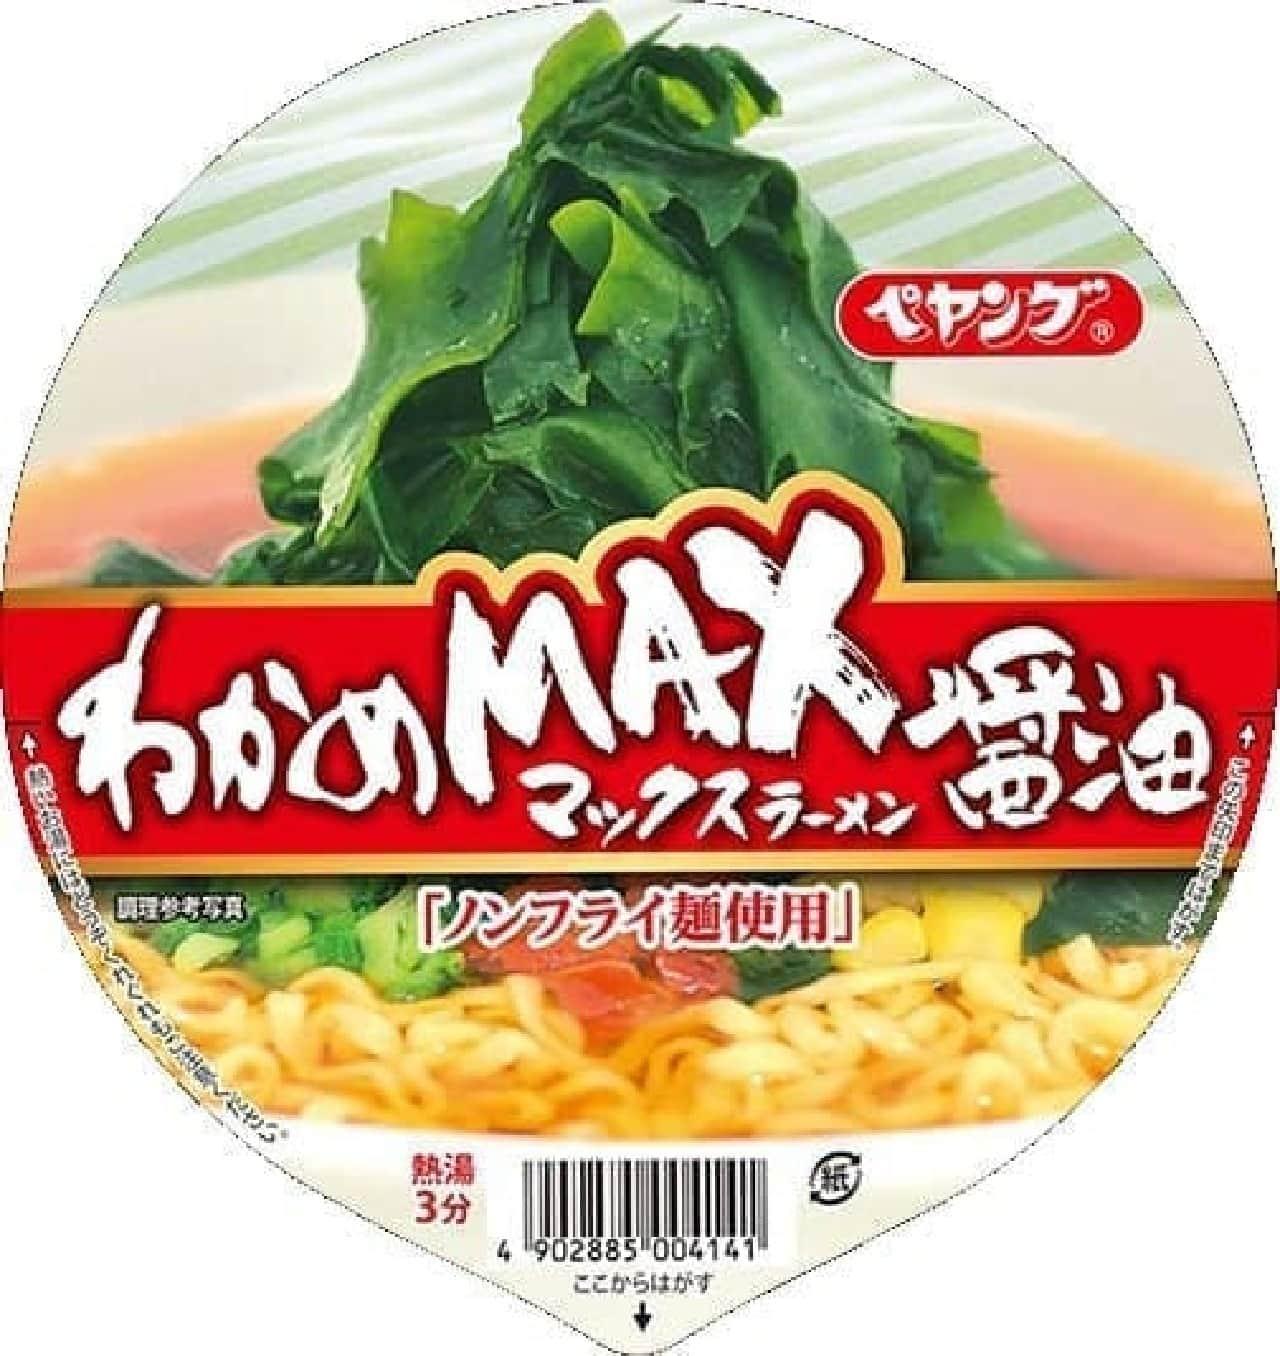 まるか食品「ペヤング わかめMAXラーメン 醤油」